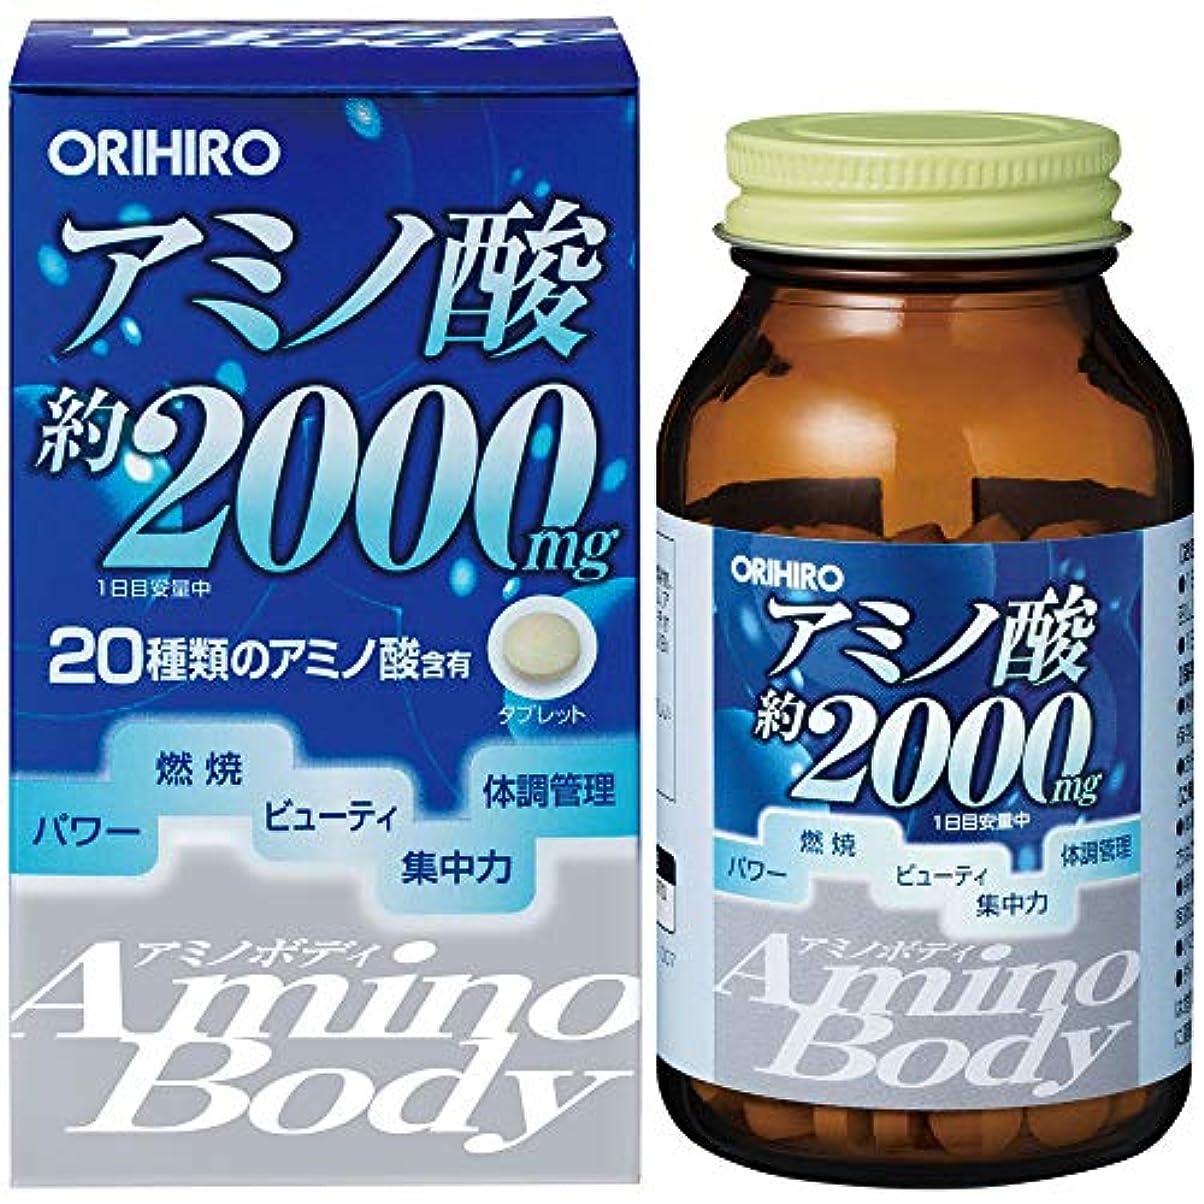 抑制するアクロバット破裂オリヒロ Amino Body アミノボディ(大豆ペプチド)